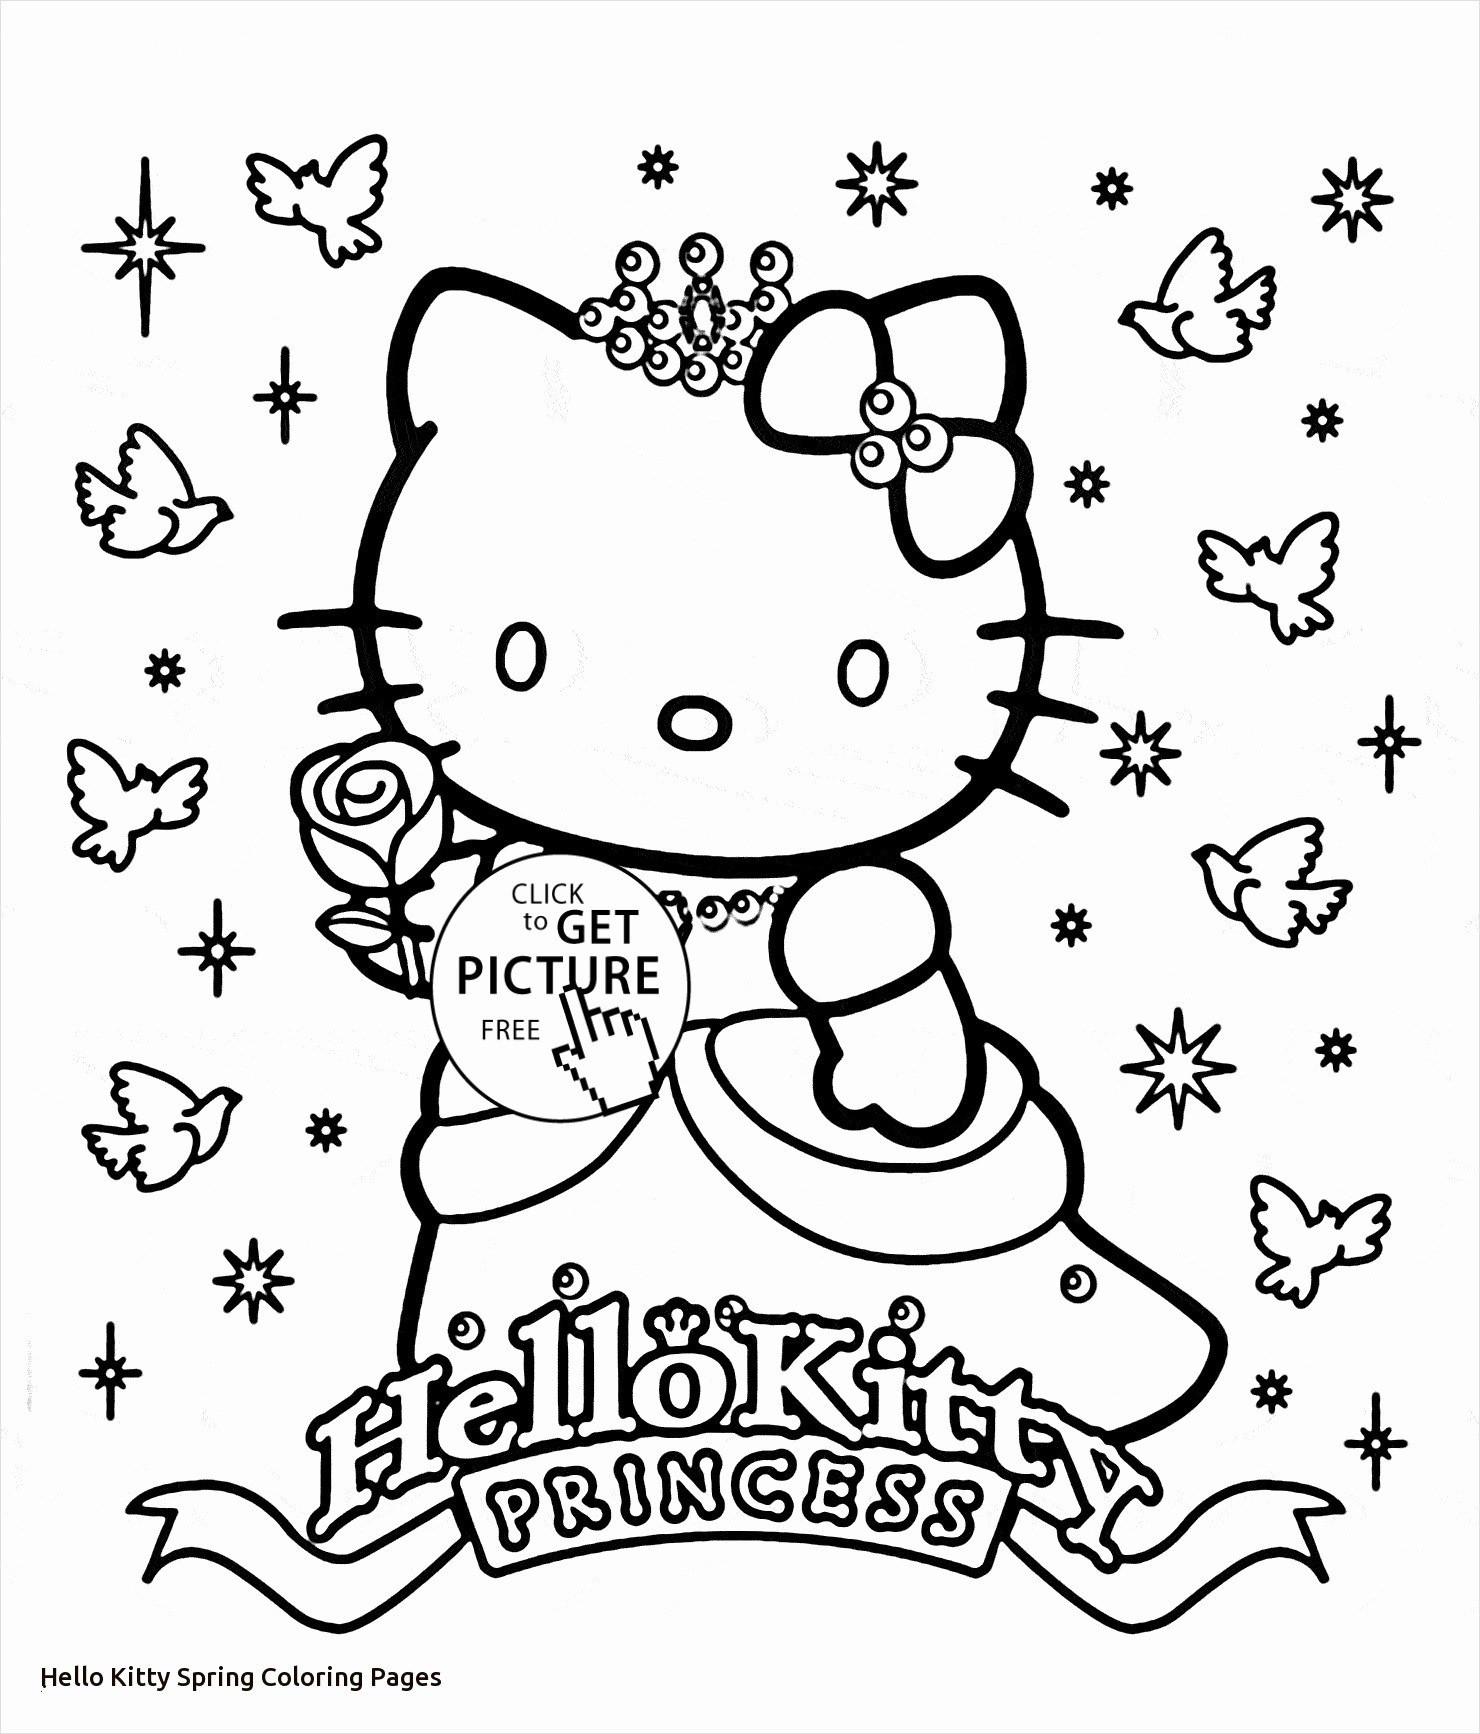 Hello Kitty Malvorlage Einzigartig 40 Skizze Ausmalbilder Hello Kitty Treehouse Nyc Bilder